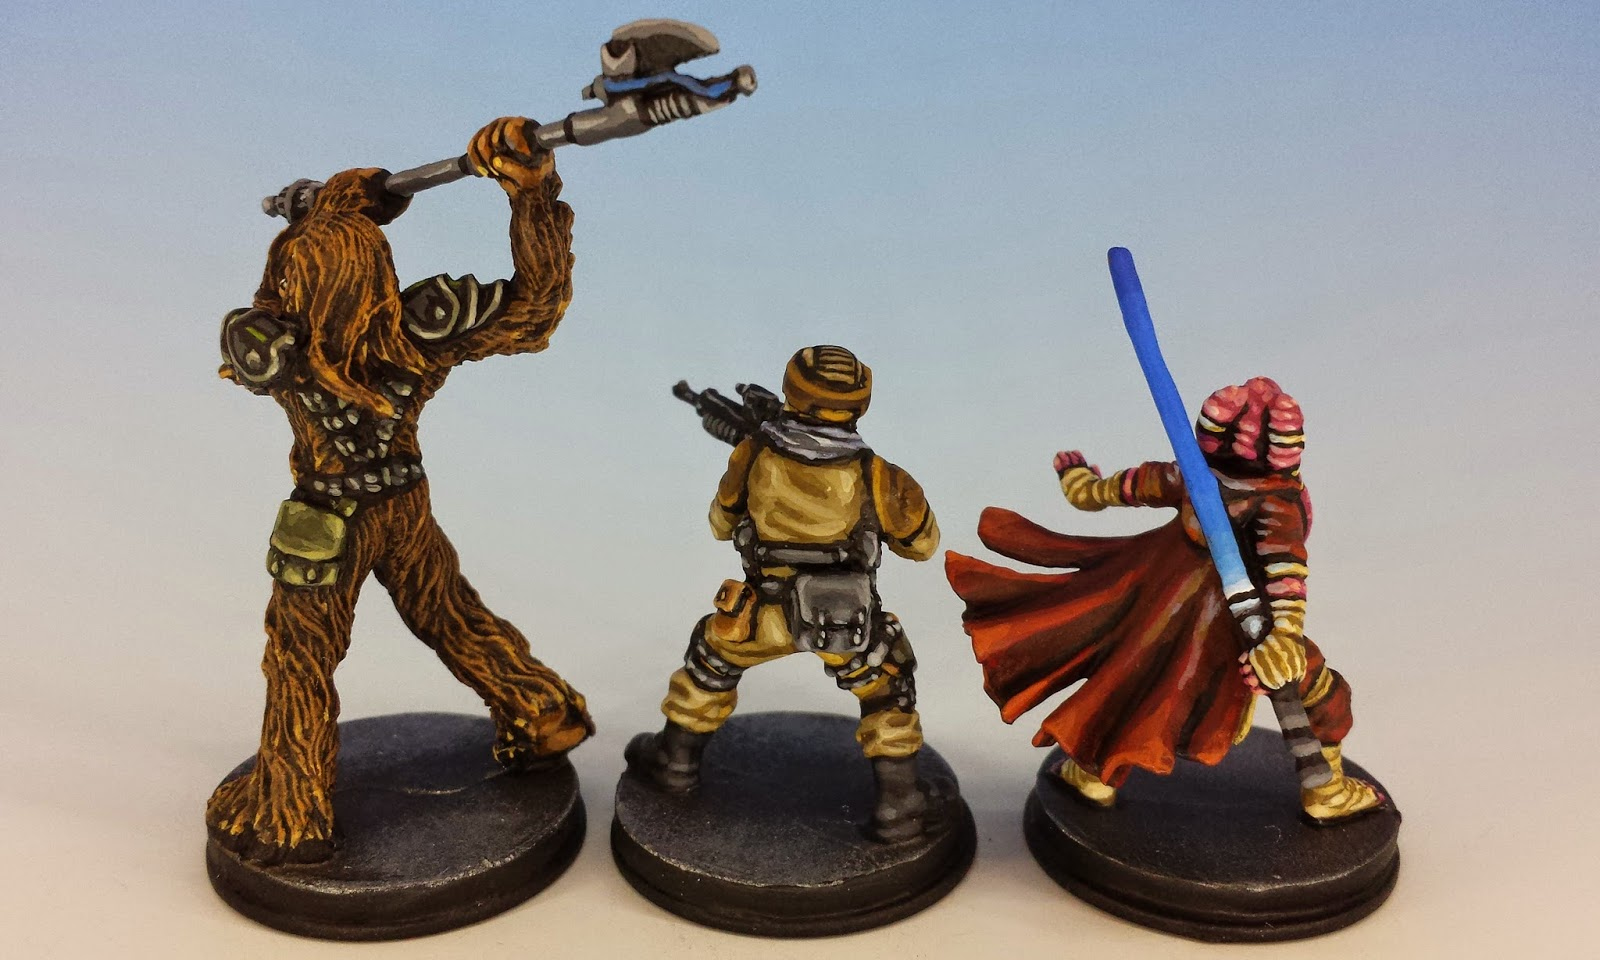 Oldenhammer_Imperial_Assault_board_game_mini_painting_012.jpg